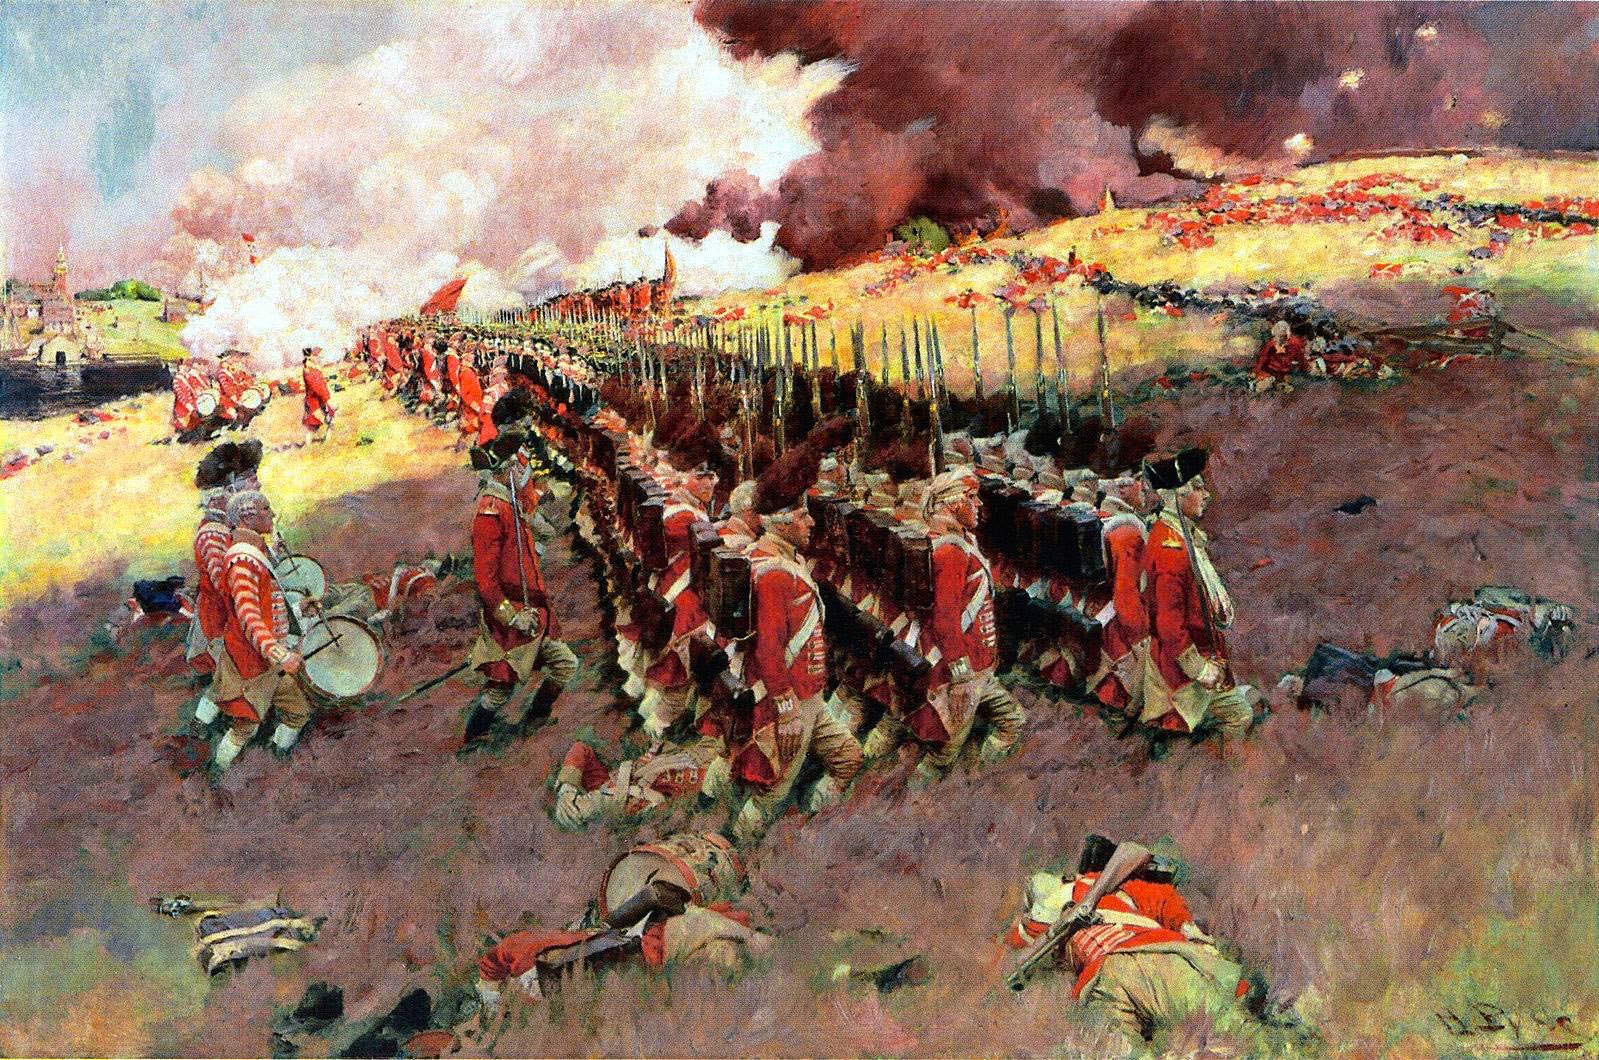 لوحة للقوات البريطانية في معركة بانكر هيل